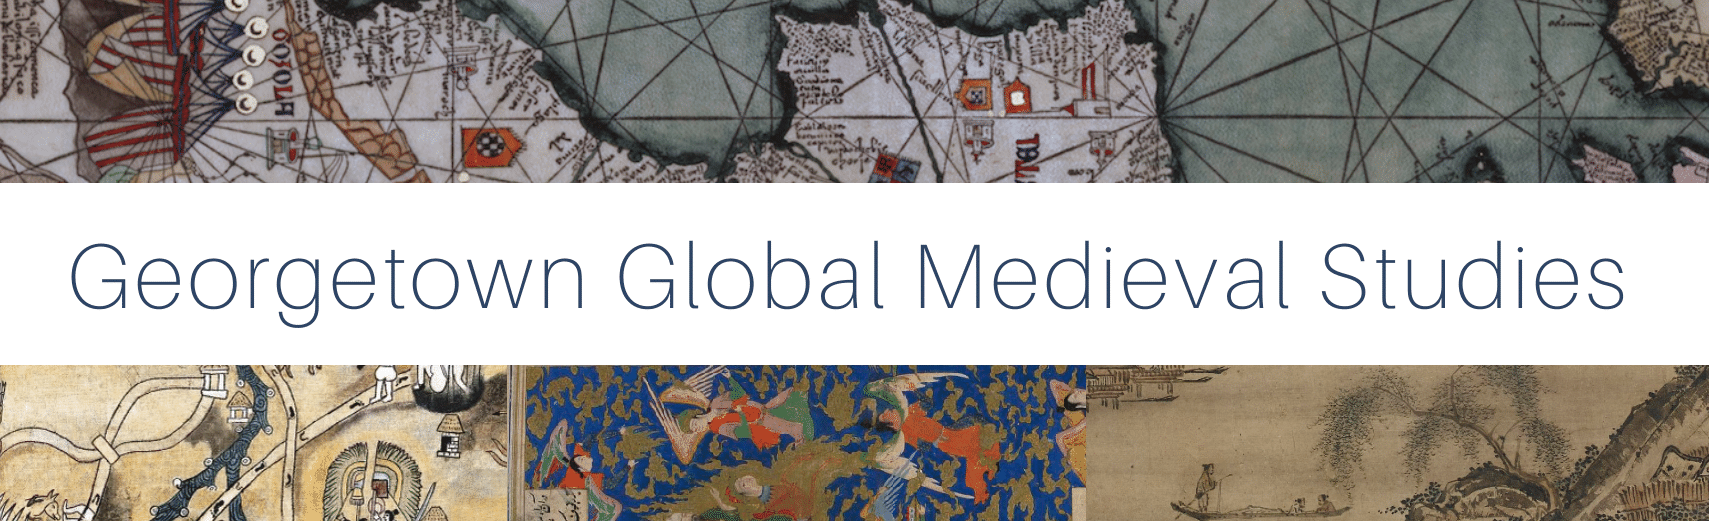 Georgetown Global Medieval Studies Domains